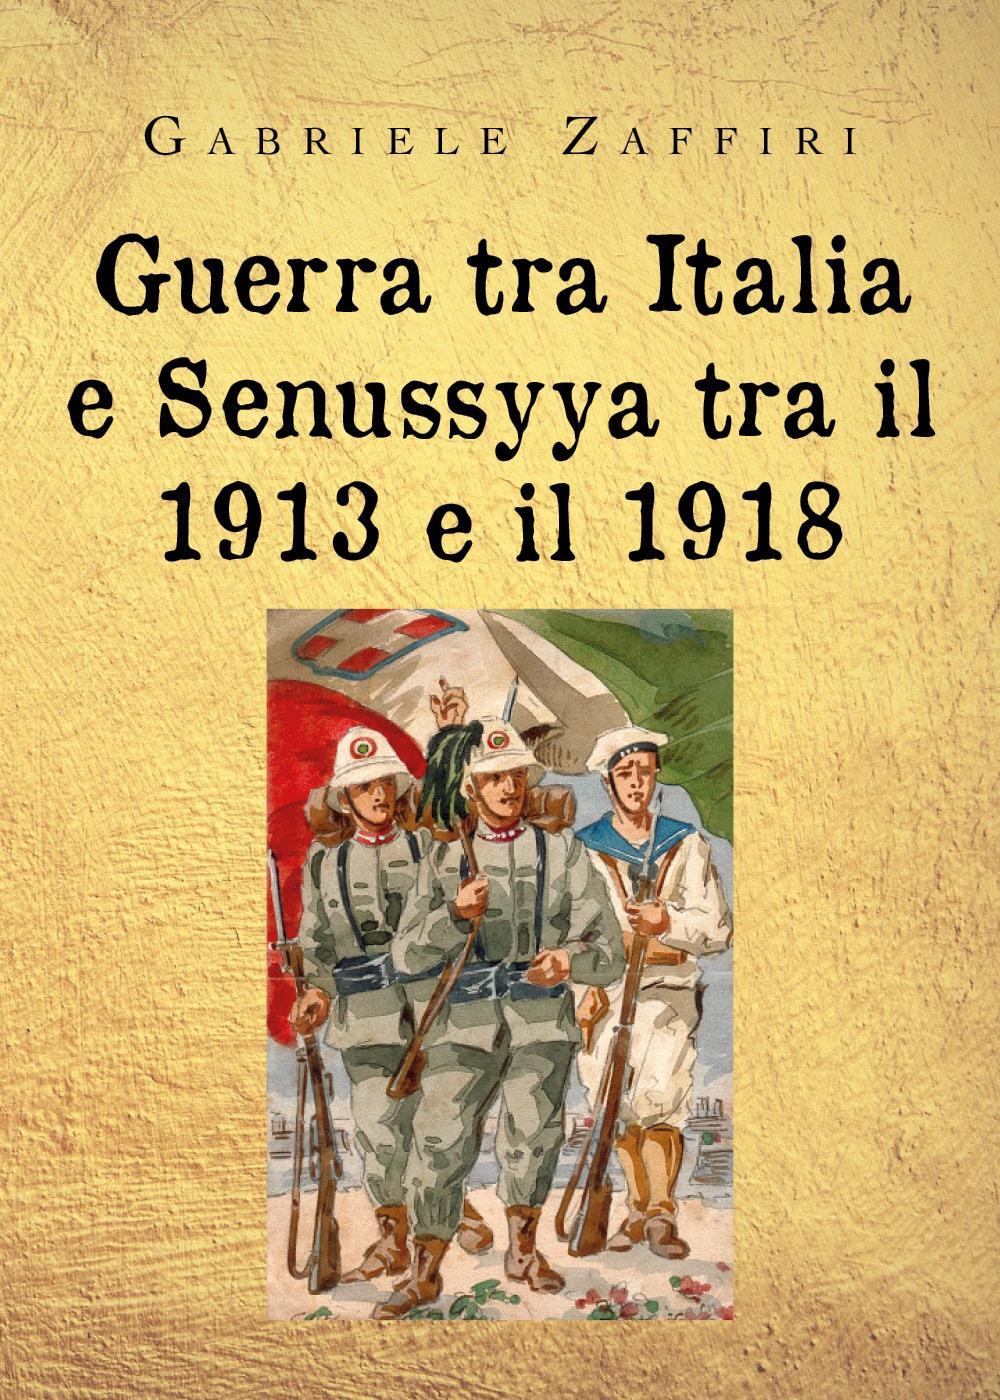 Guerra tra Italia e Senussyya tra il 1913 e il 1918